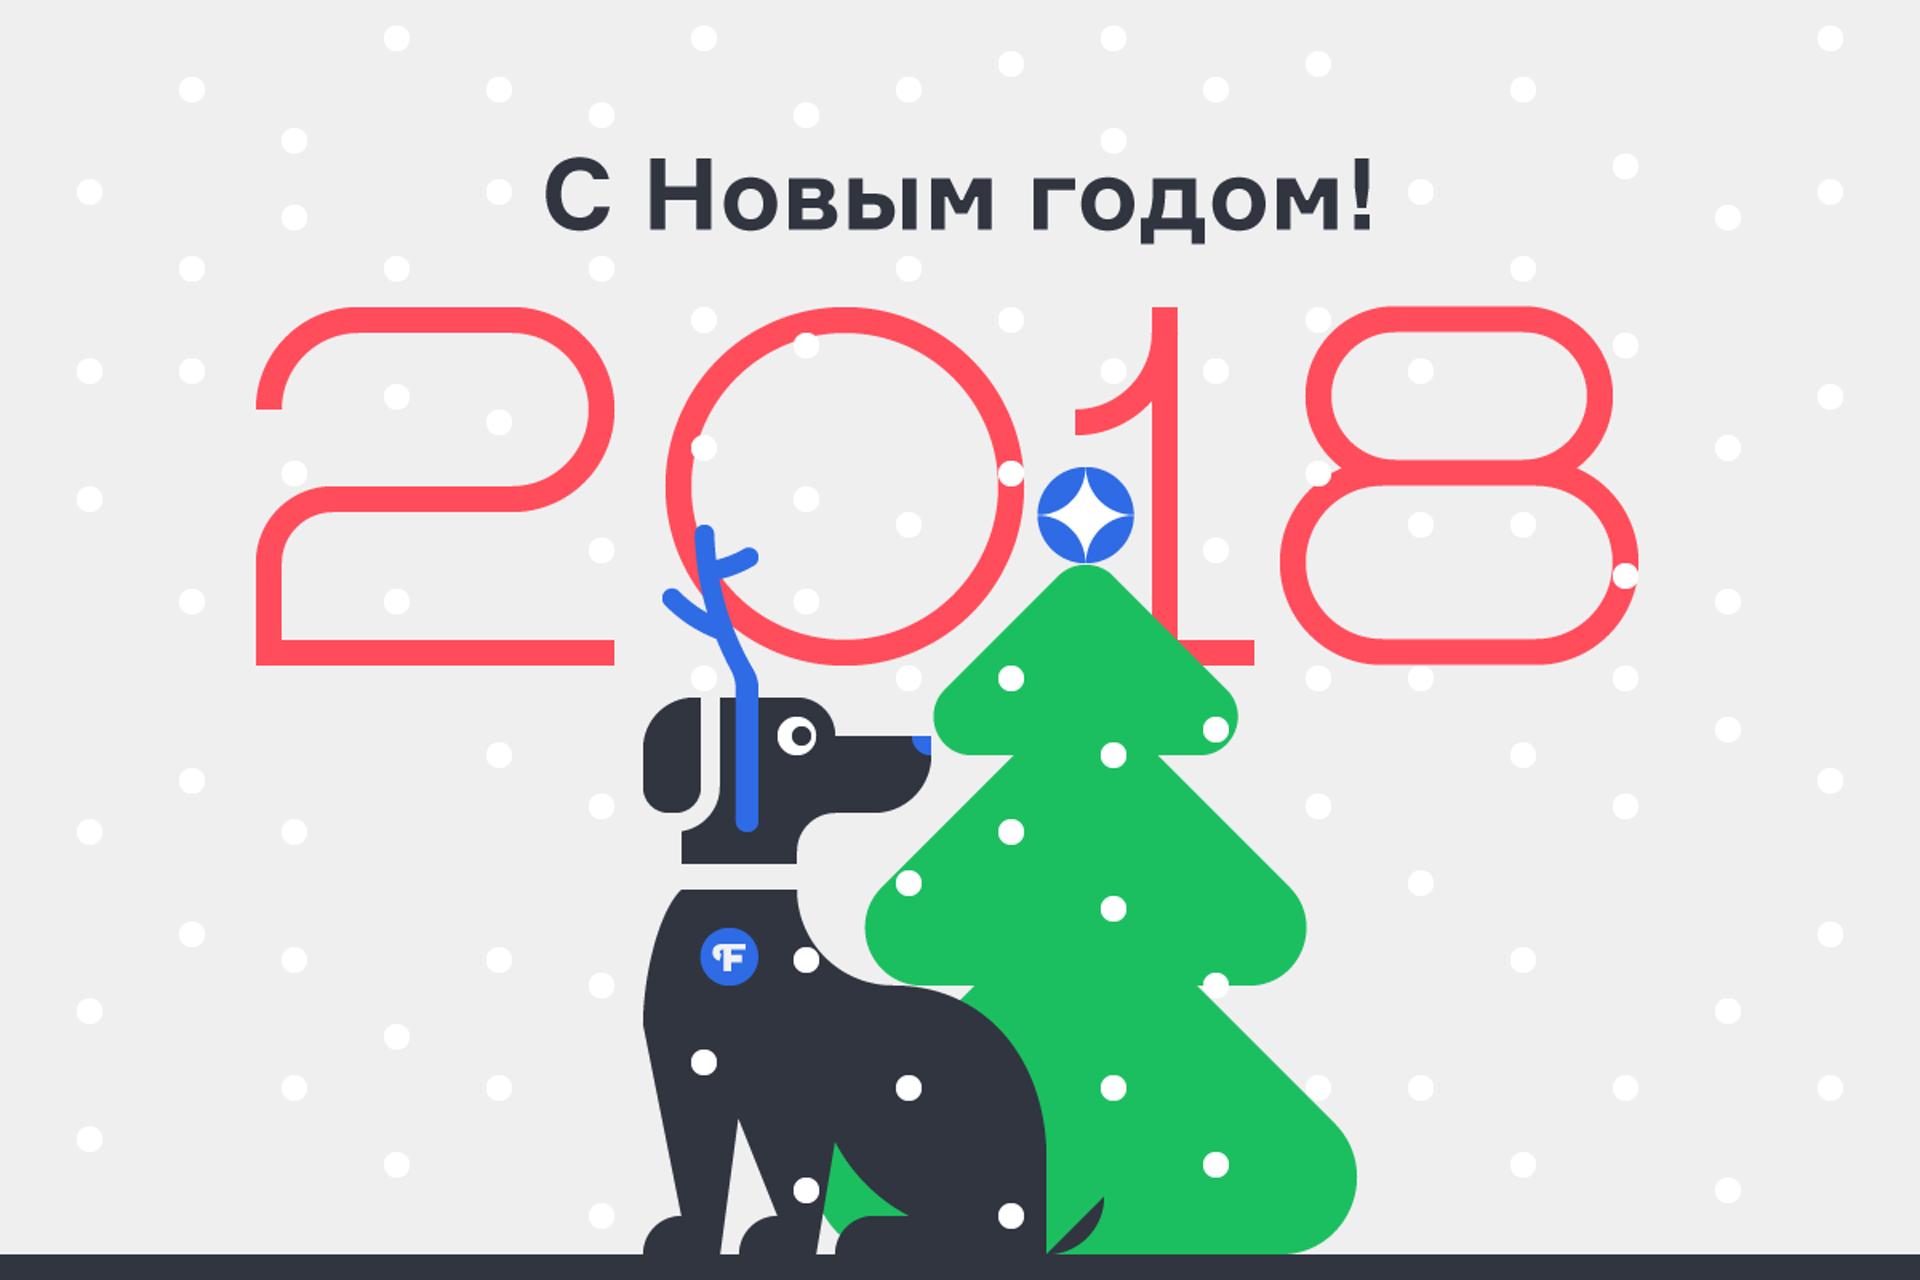 Встречаем Новый год!